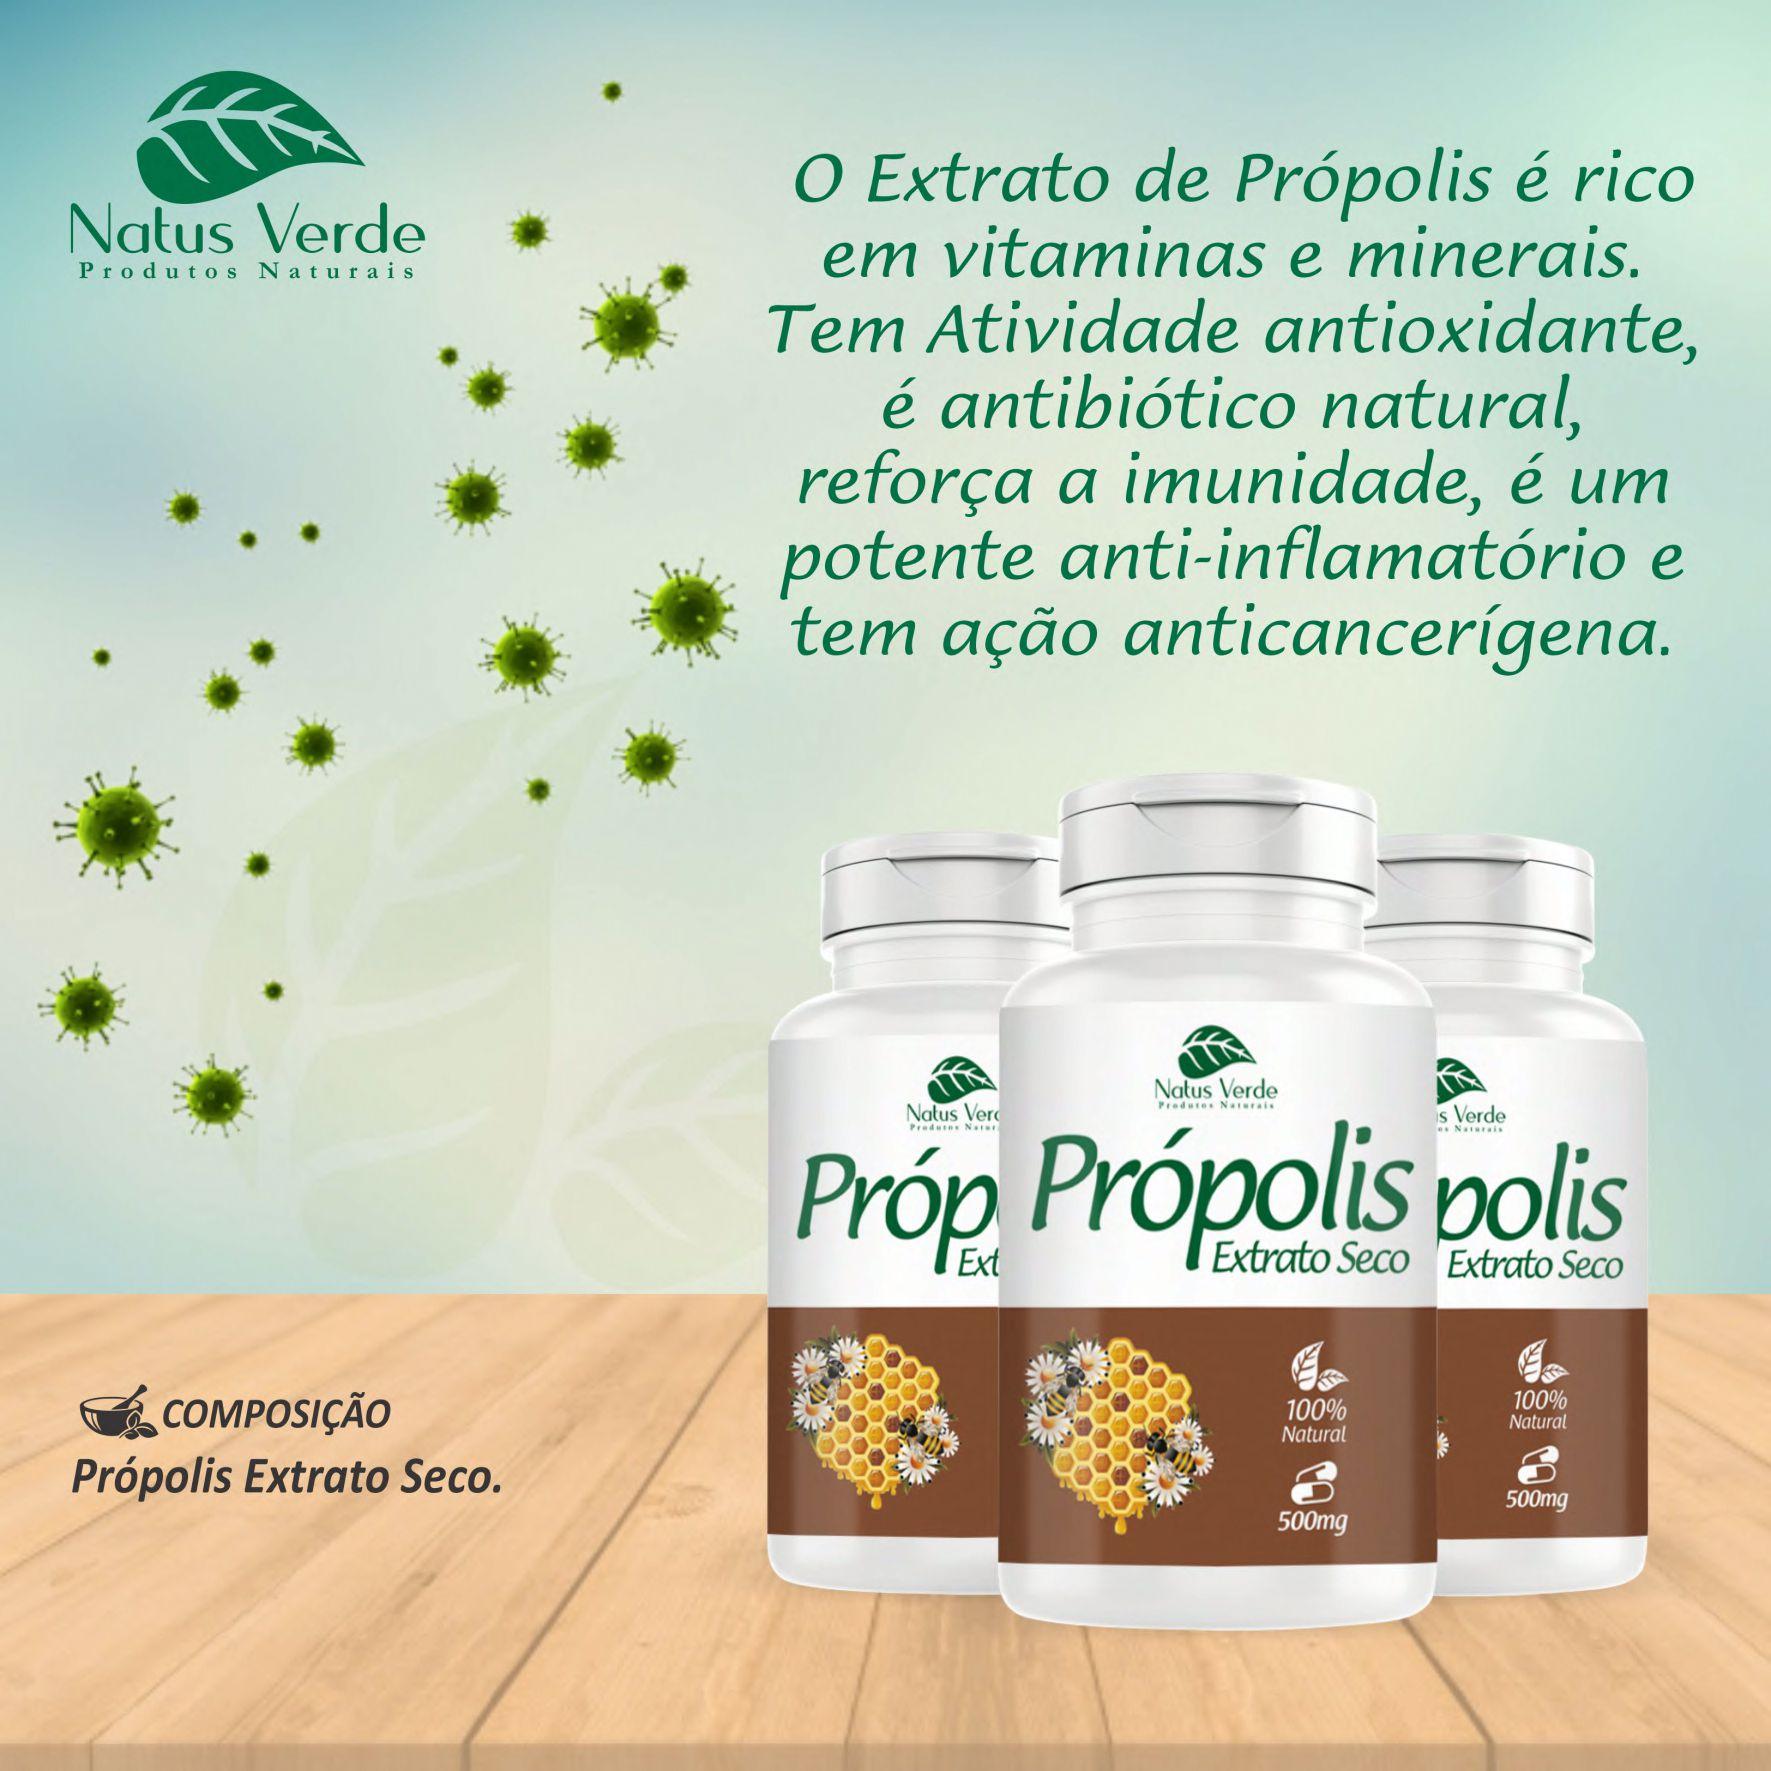 Composto Própolis Extrato Seco 60 Caps Natus Verde   - Fribasex - Fabricasex.com